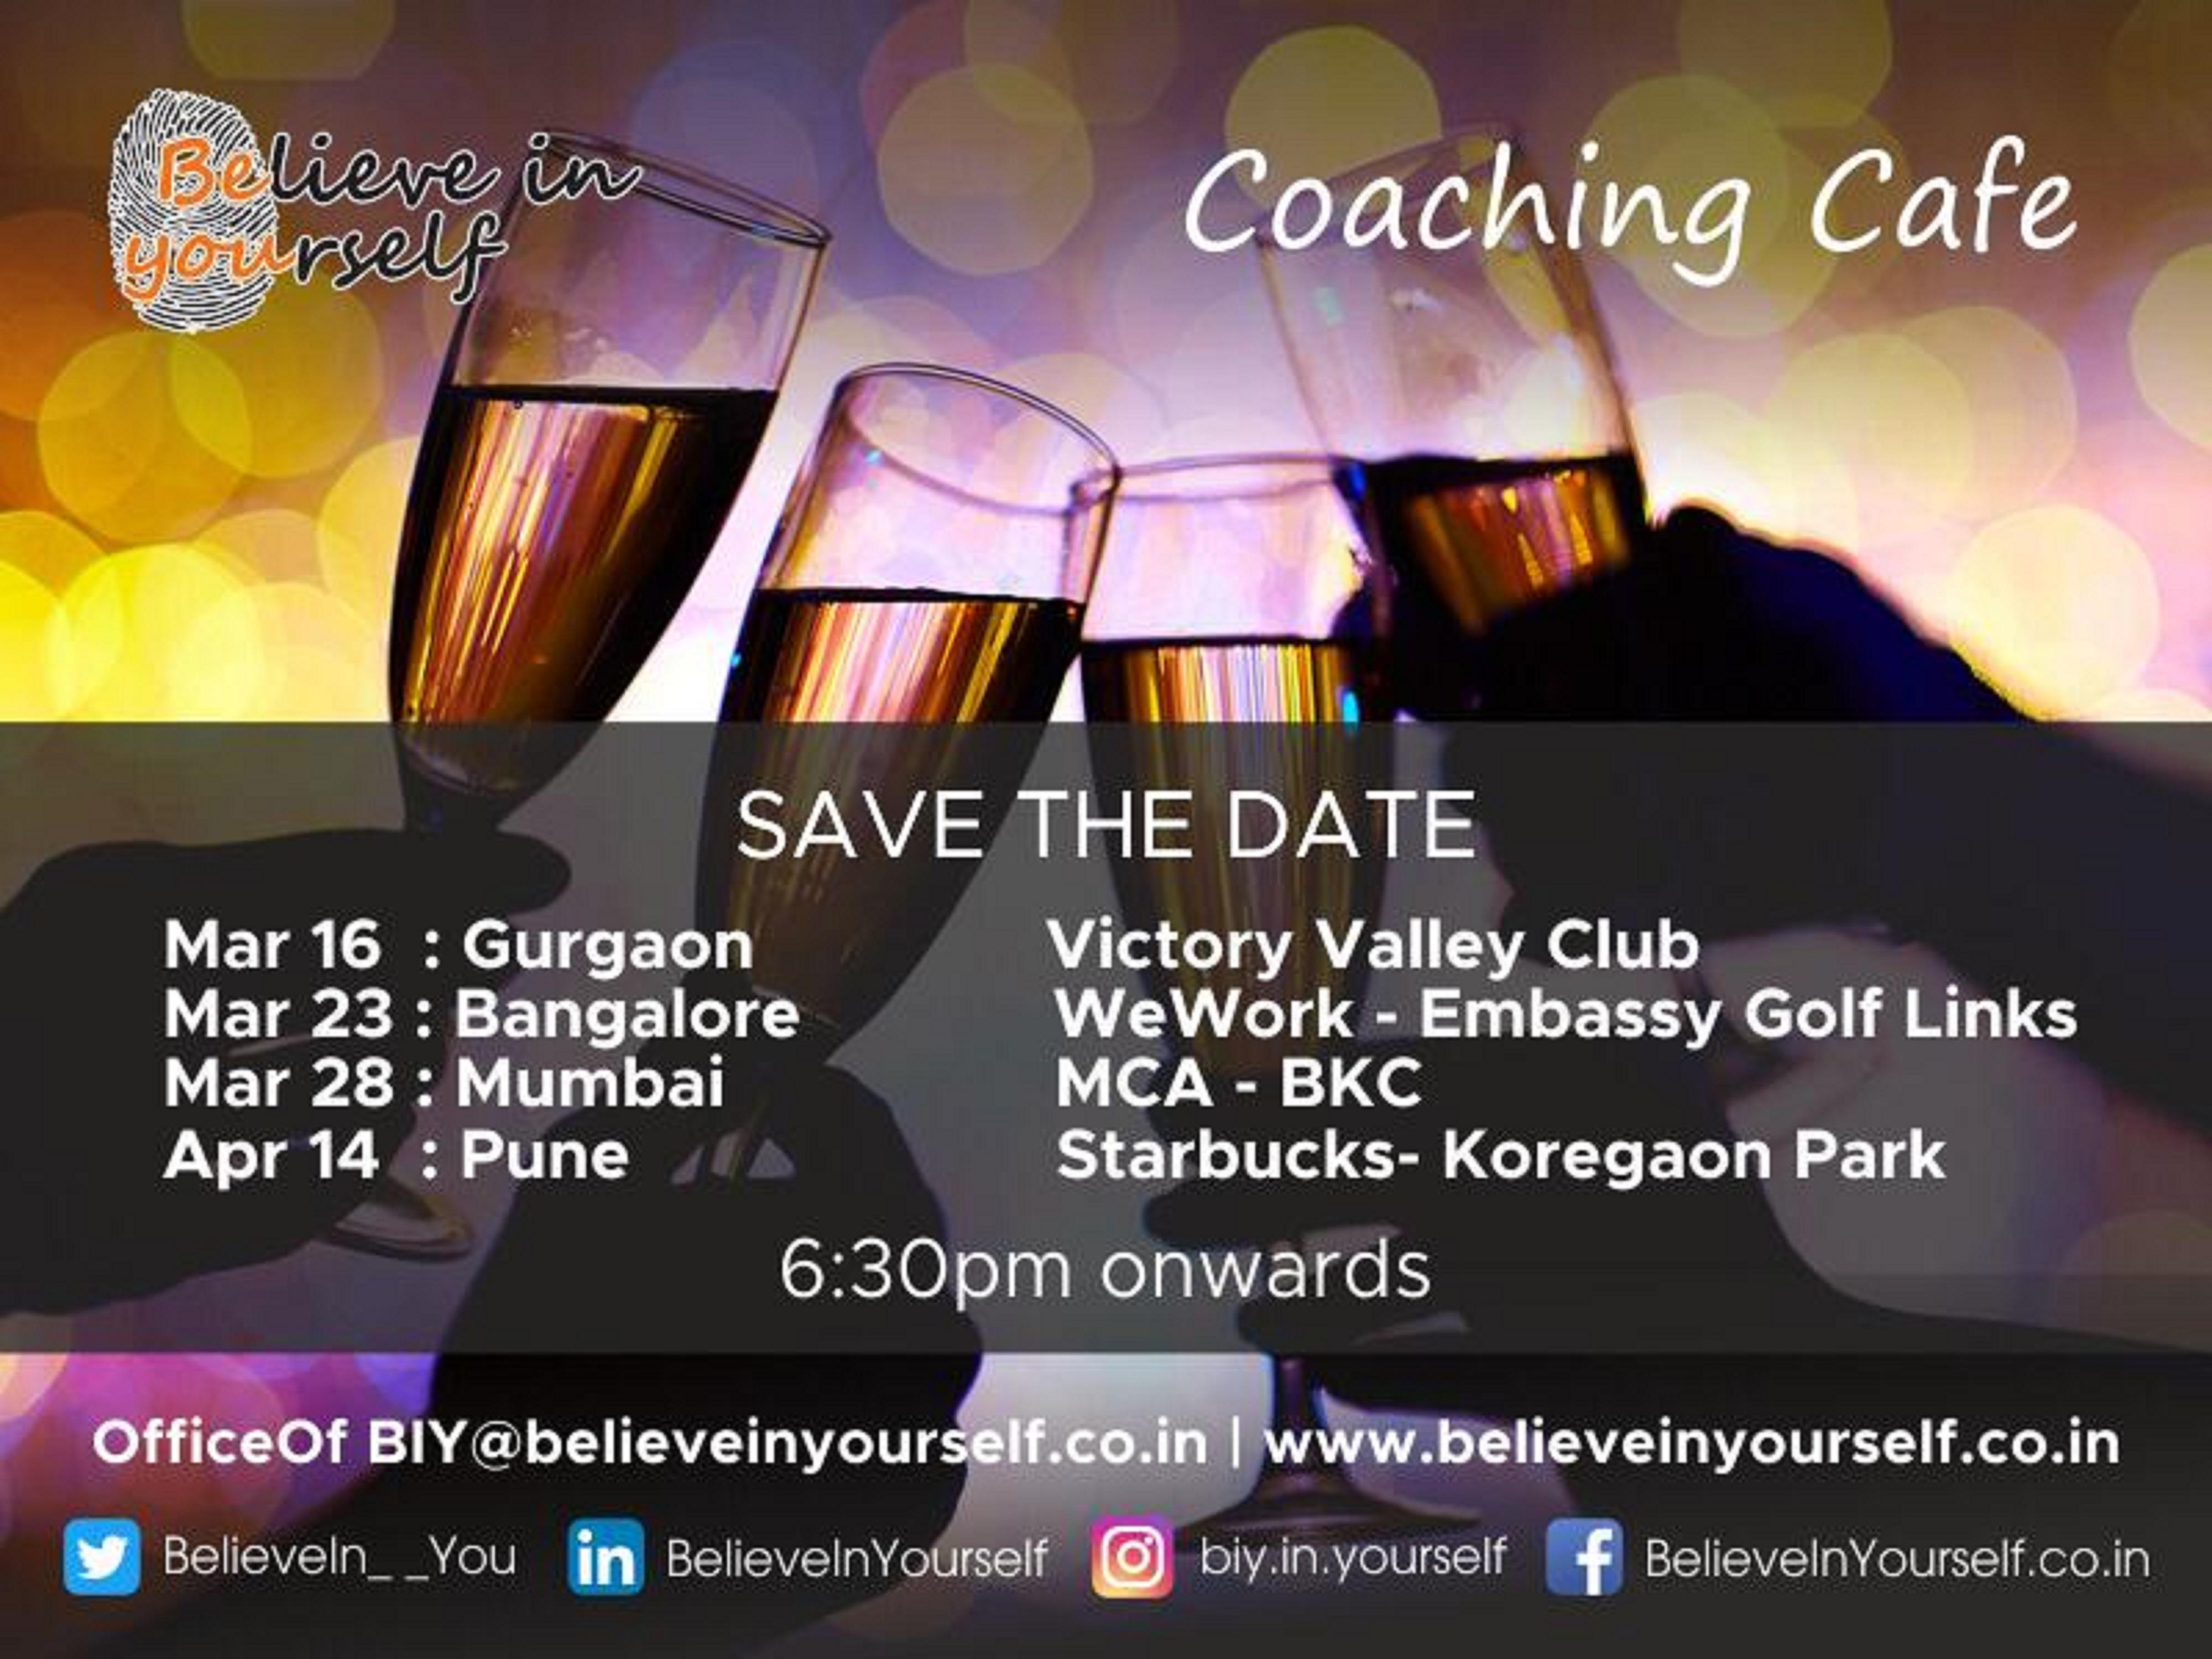 Life Coaching, Leader Mentoring, Executive Coaching in India, ICF Coach, leadership coach, leader mentoring, best business coach in india, leadership coaching company, leadership development company, business coach